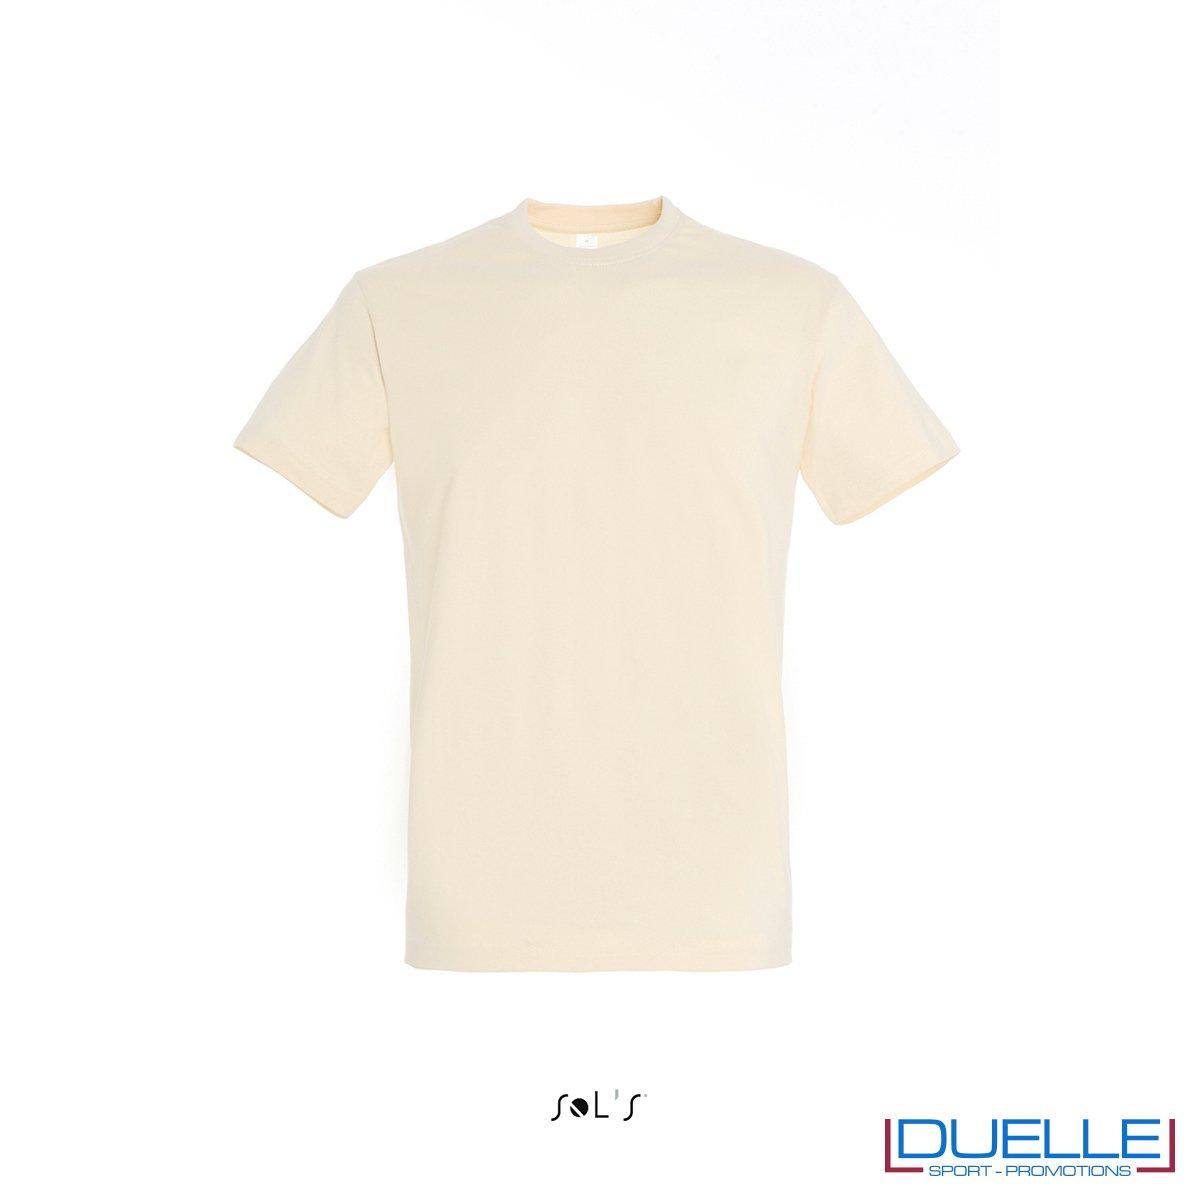 Maglietta personalizzata in cotone pesante colore crema personalizzata con stampa o ricamo